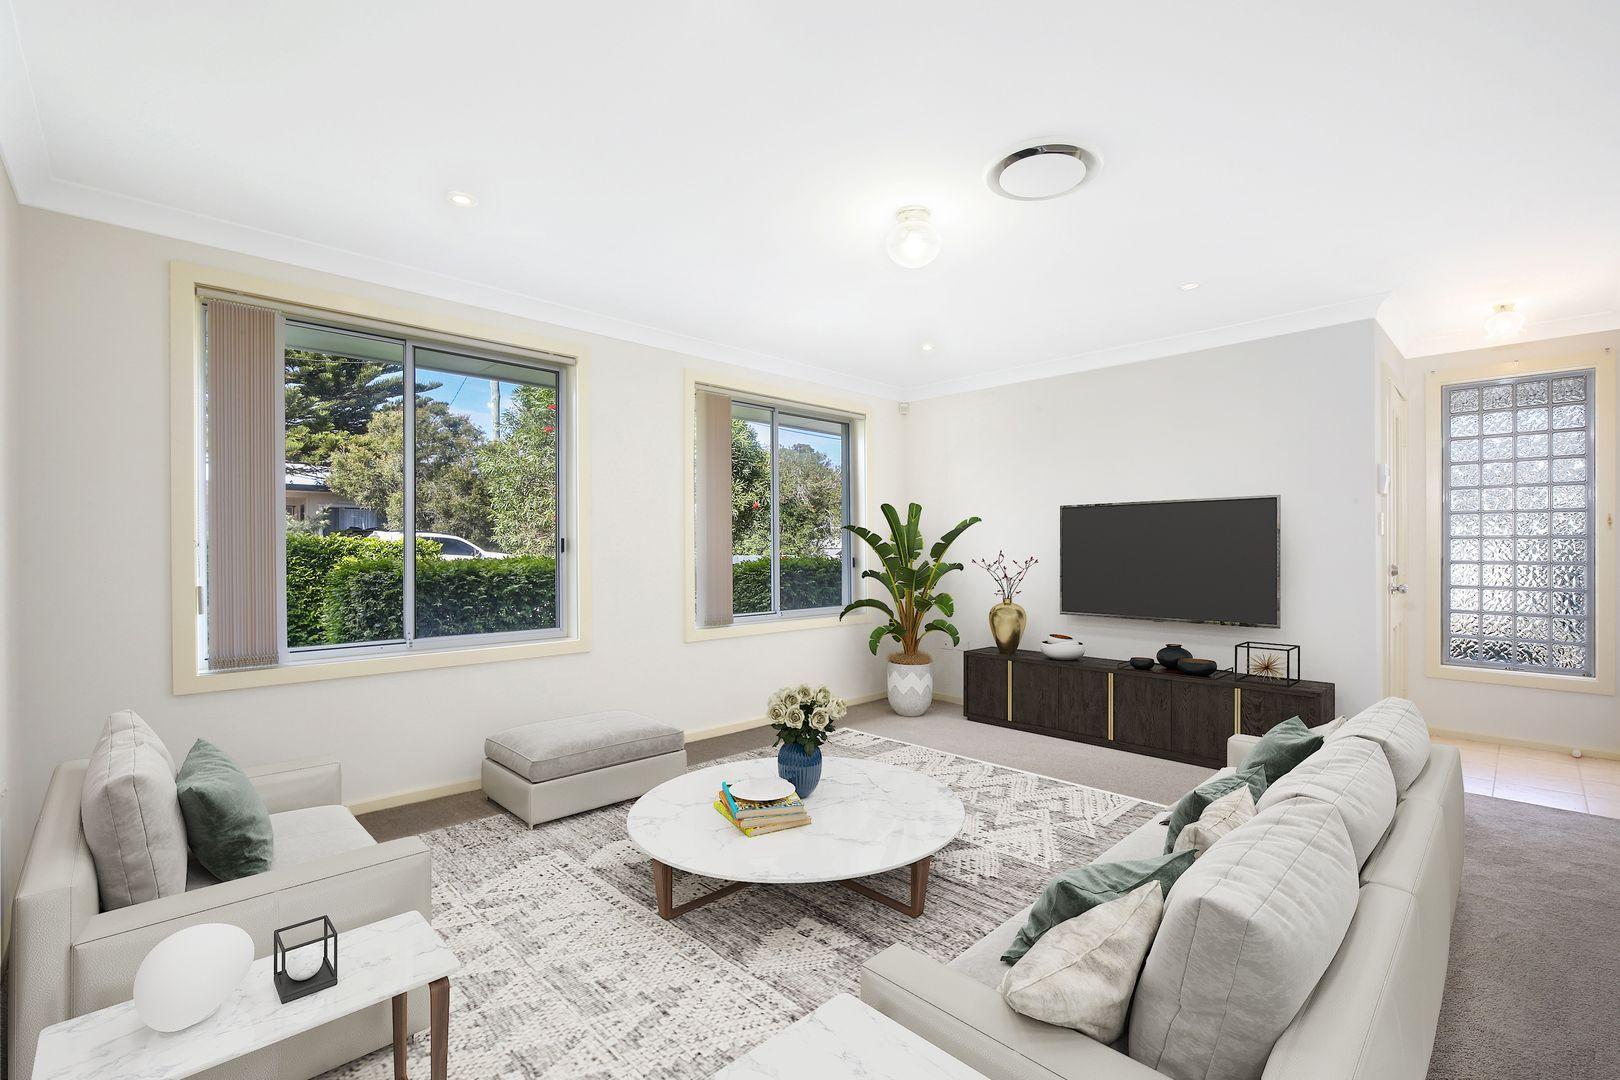 1/6-8 Dwyer Avenue, Woy Woy NSW 2256, Image 0